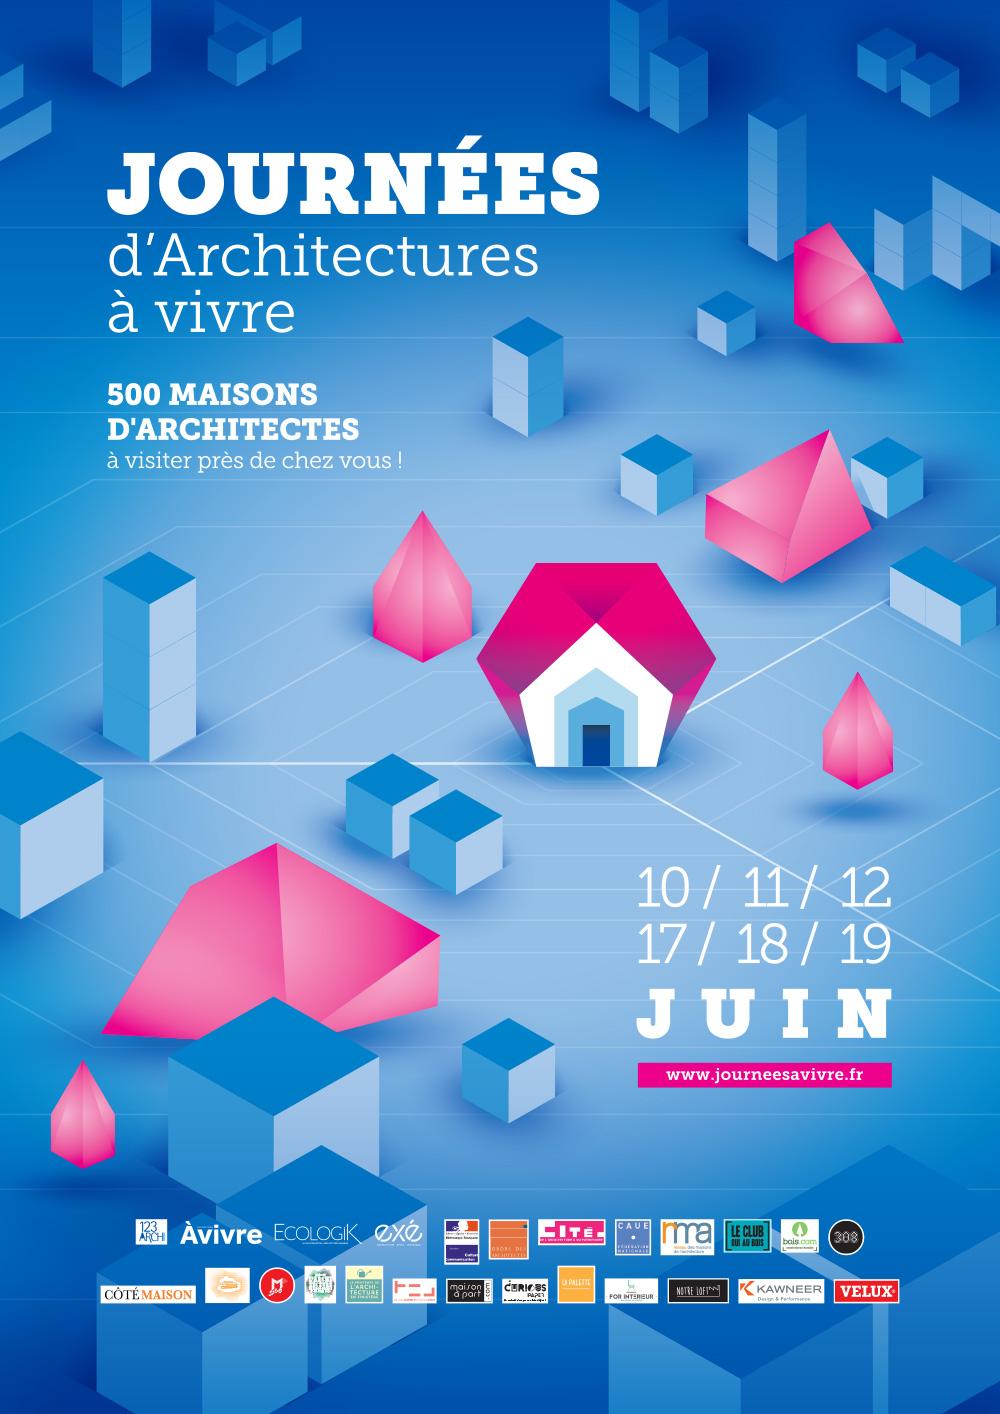 Affiche des Journées d'Architectures à Vivre - Juin 2016